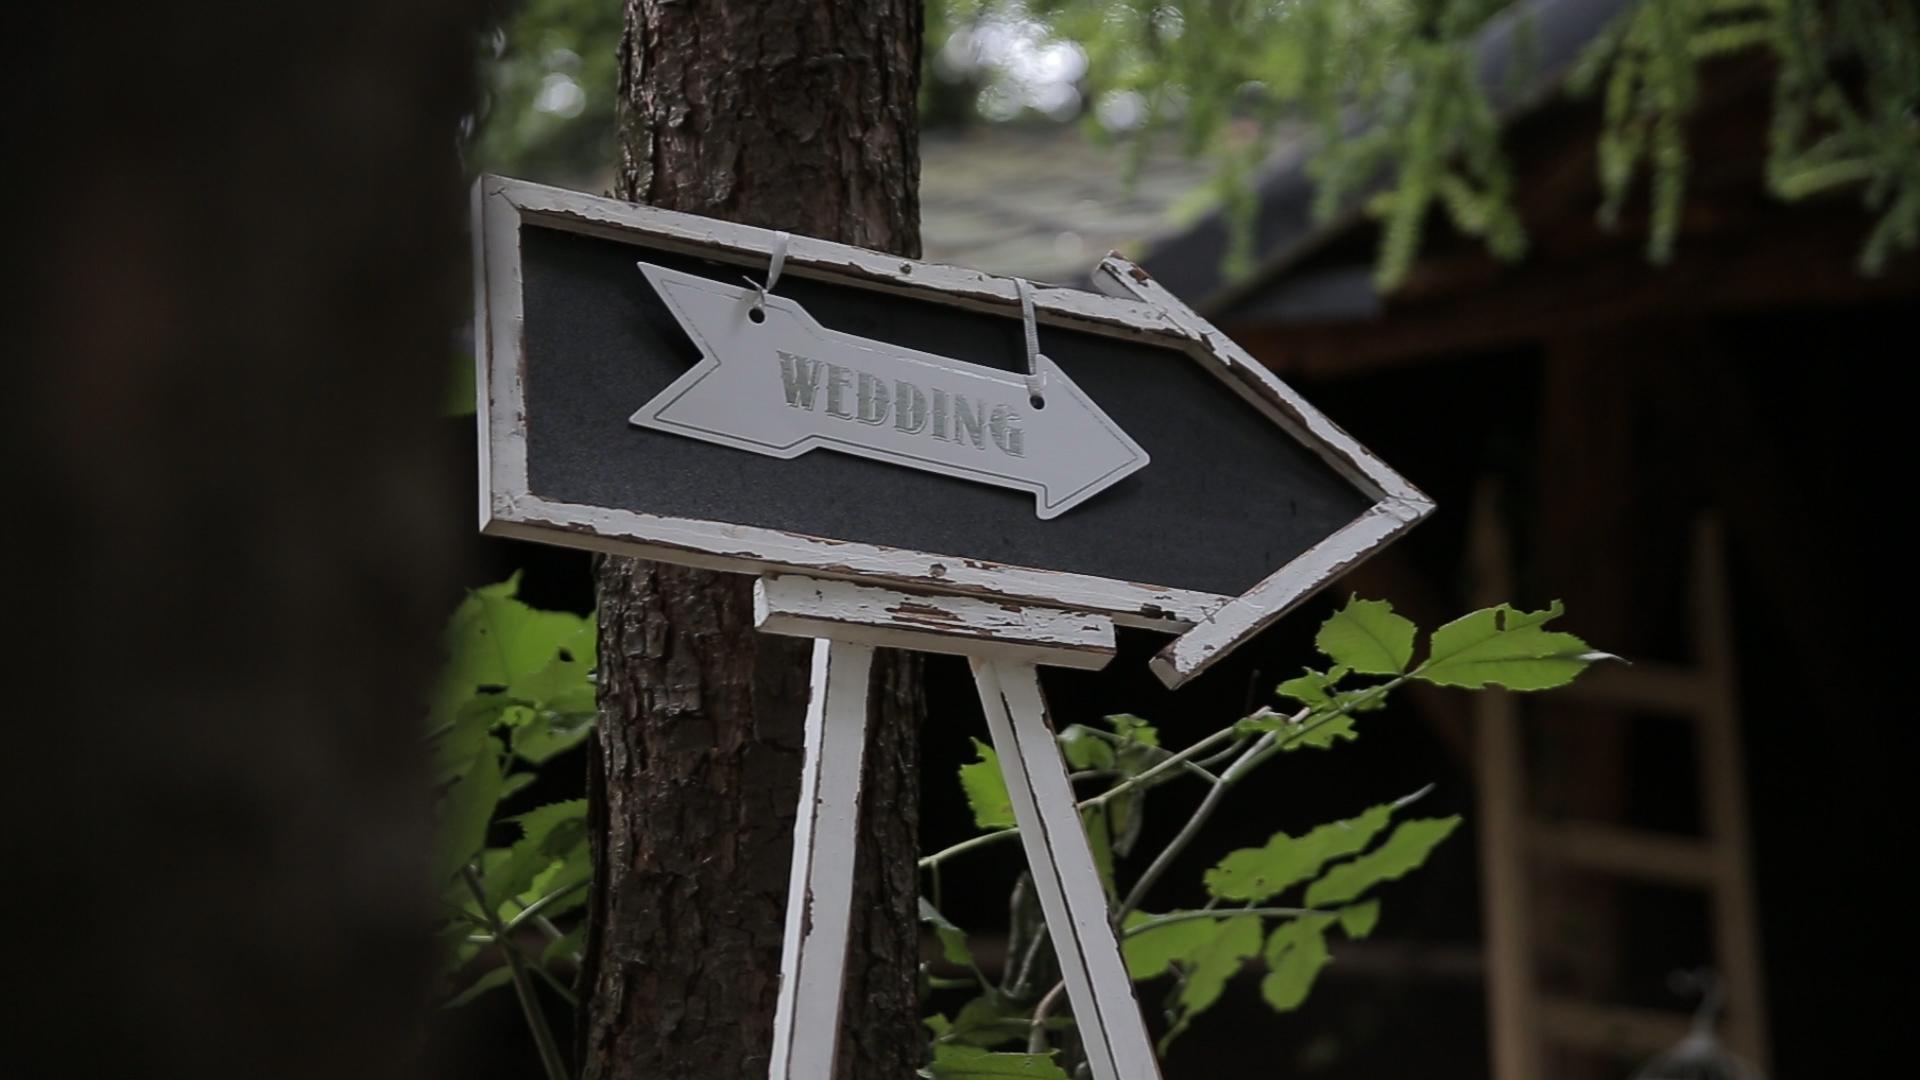 Ślub w tygodniu?